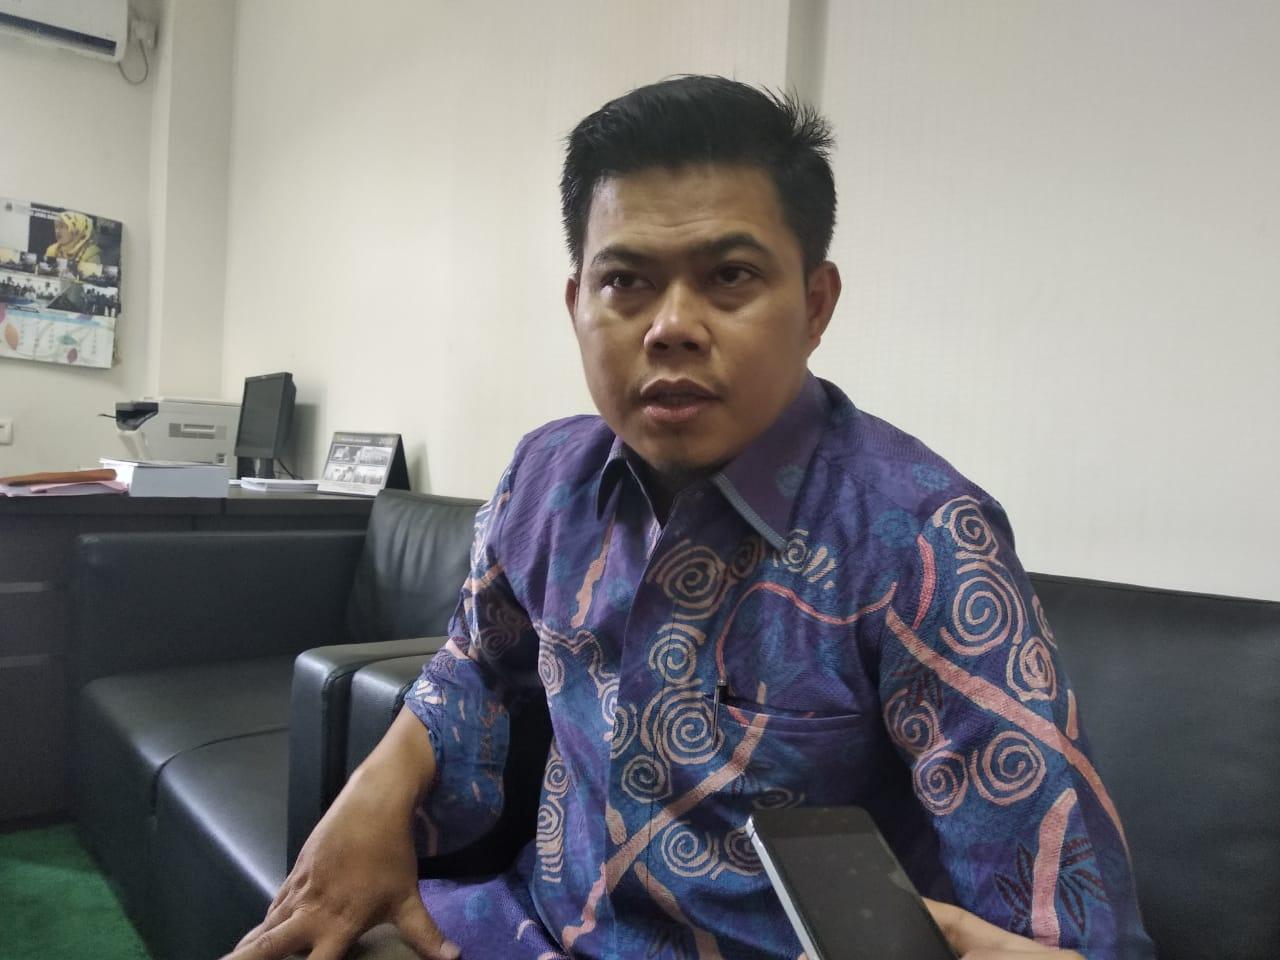 Politisi PKB, PKS, Gerindra Kompak Tolak Seruan Penegakkan Syariat Islam Rizieq Shihab